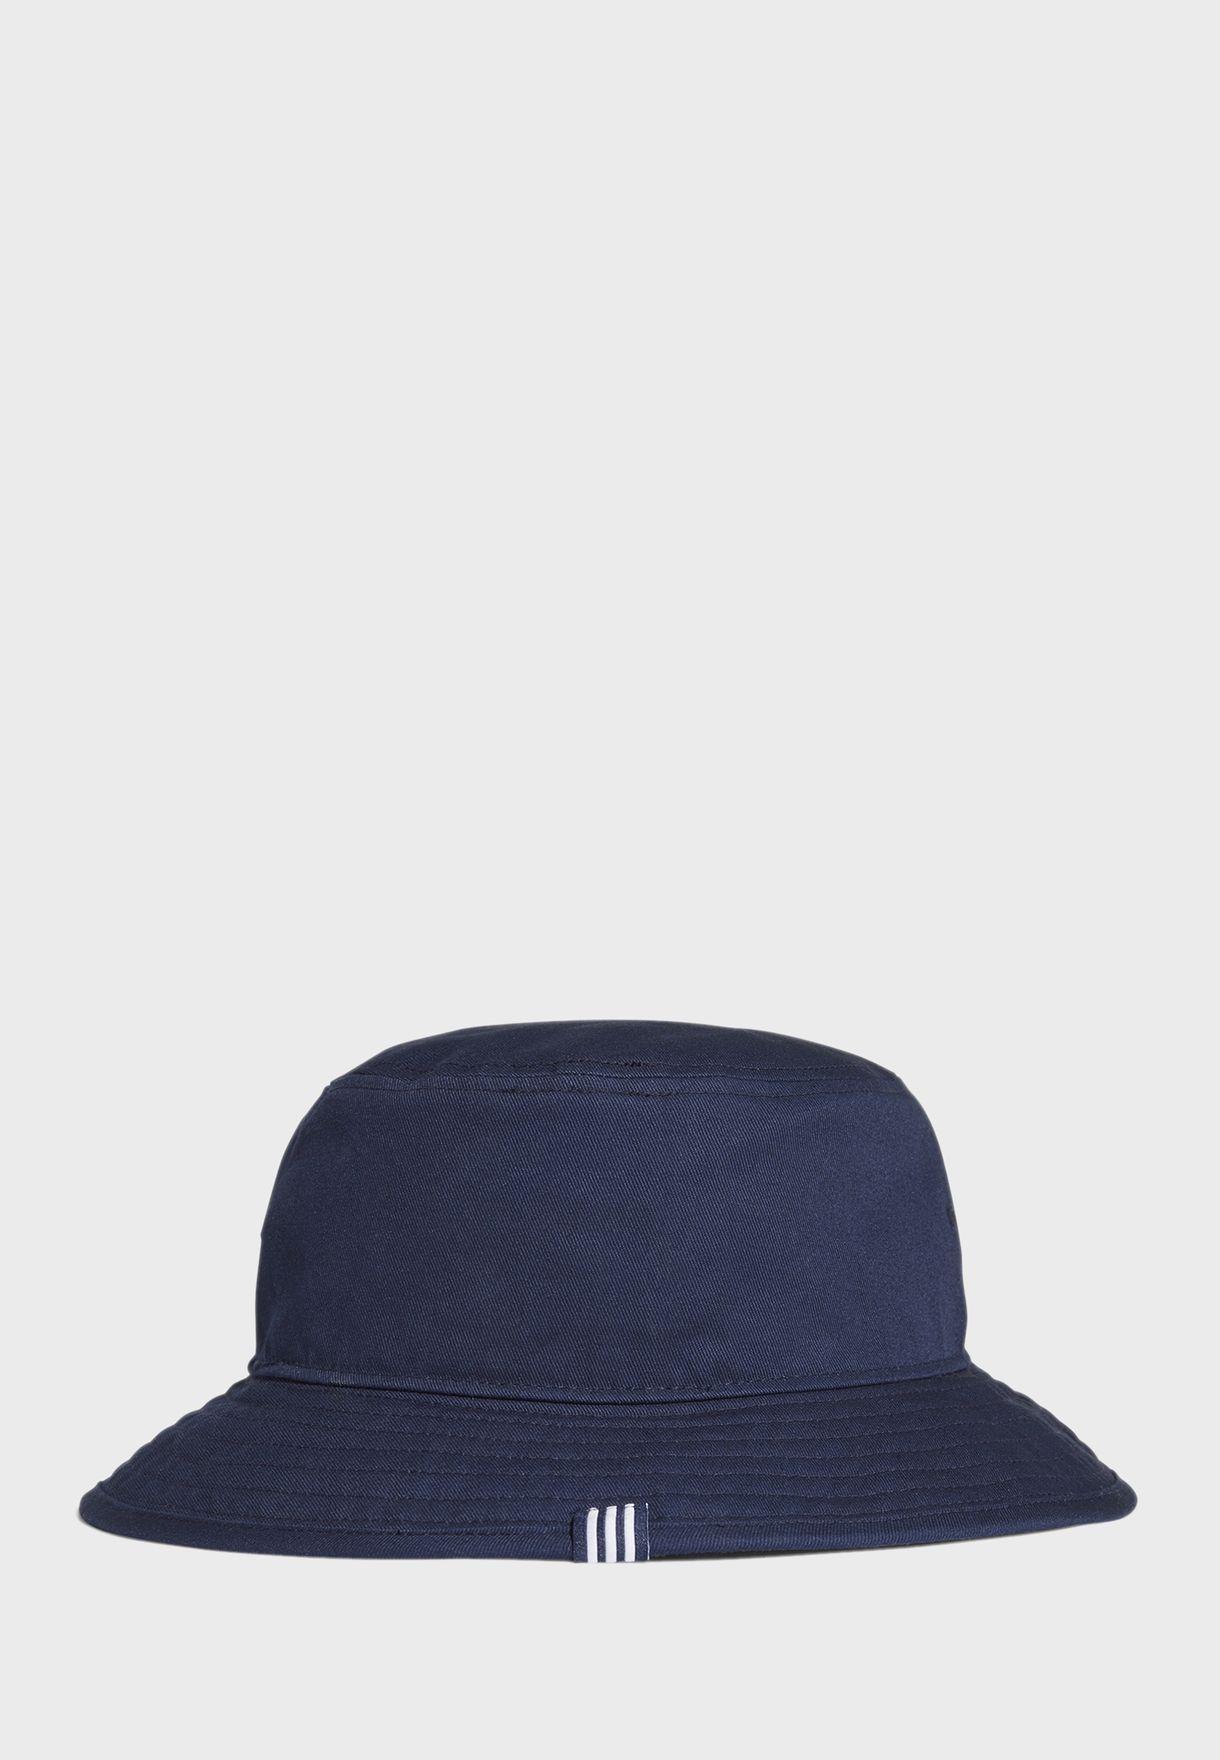 قبعة باطراف مدروزة